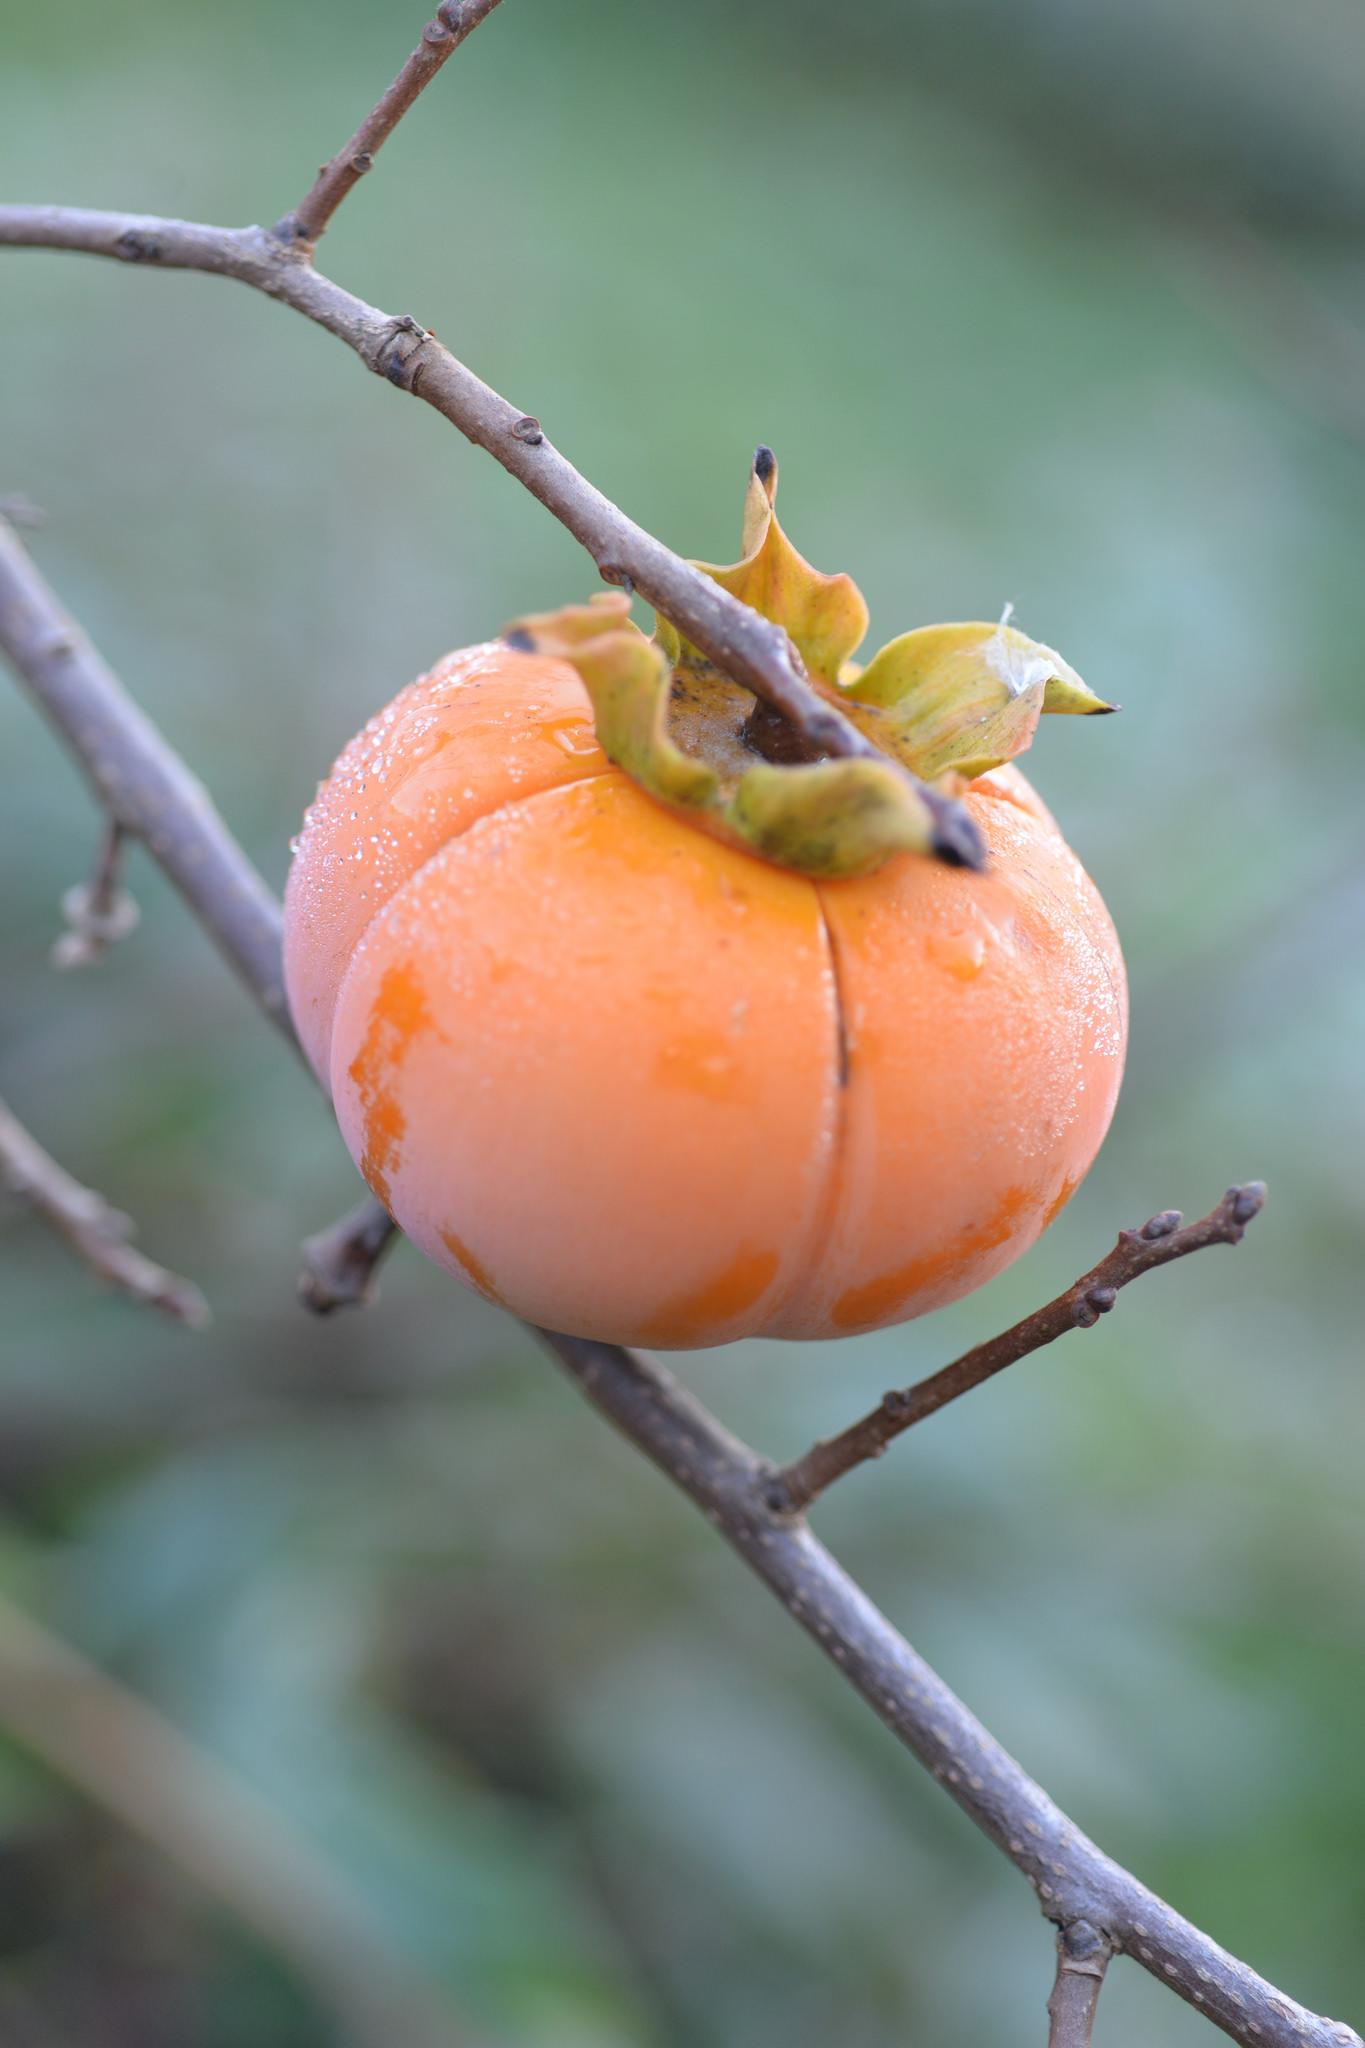 Tuyệt chiêu cắt tỉa cây hồng giòn giúp cây phát triển tốt